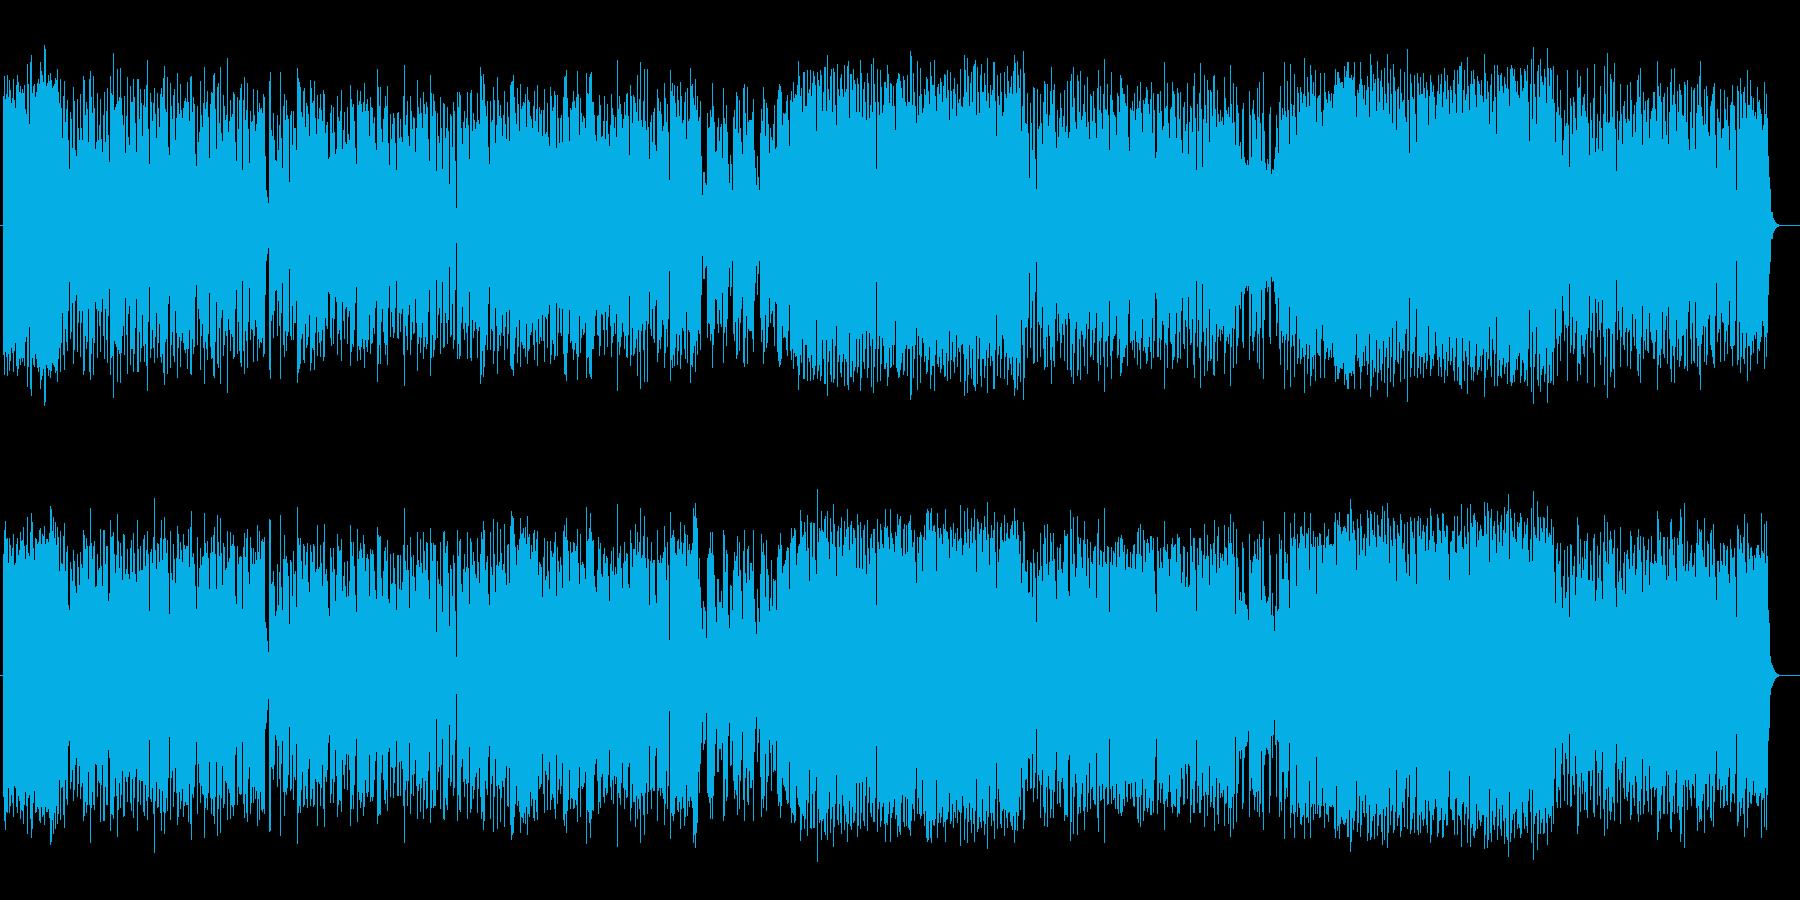 華やかでにぎやかなオーケストラ曲の再生済みの波形